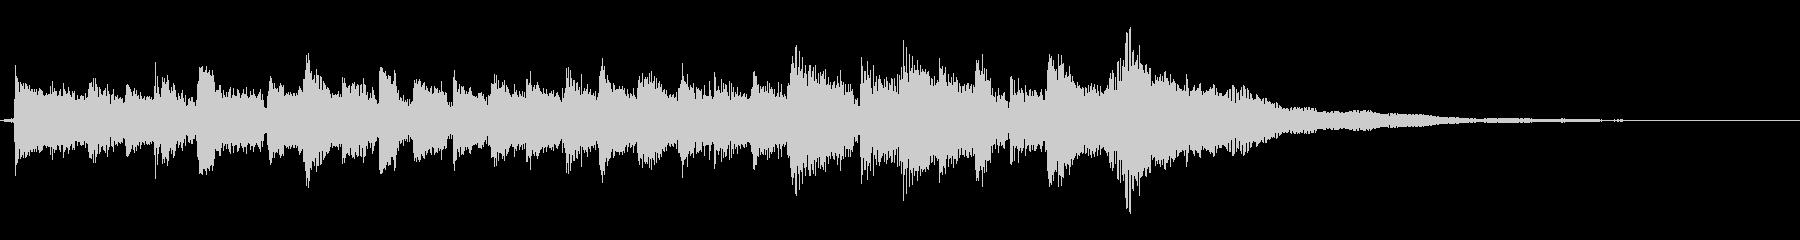 12弦ギターアルペジオ生演奏サウンドロゴの未再生の波形